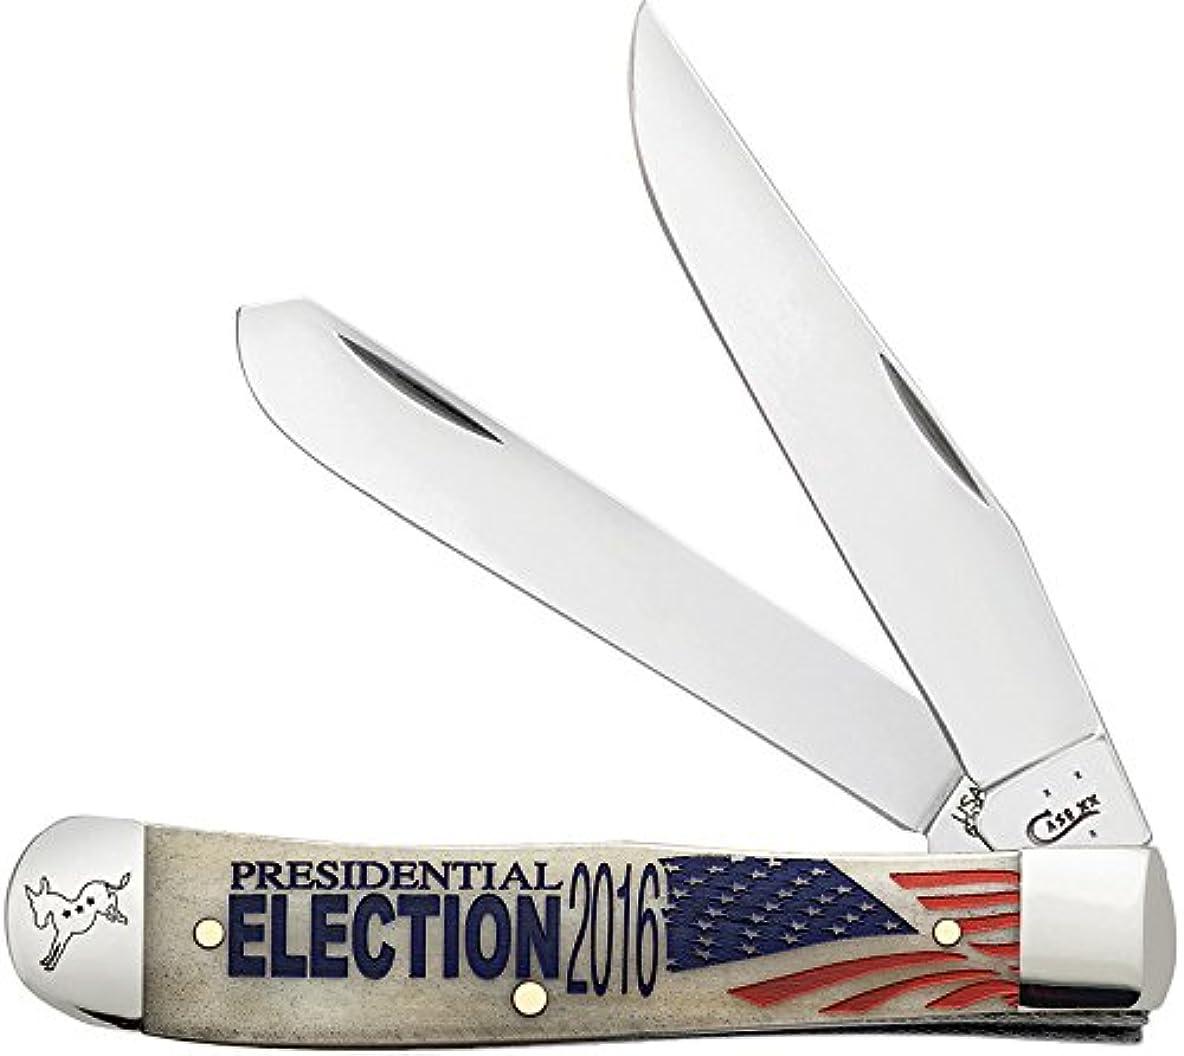 月樹皮排出Election 2016 Trapper by WR Case & Sons Cutlery